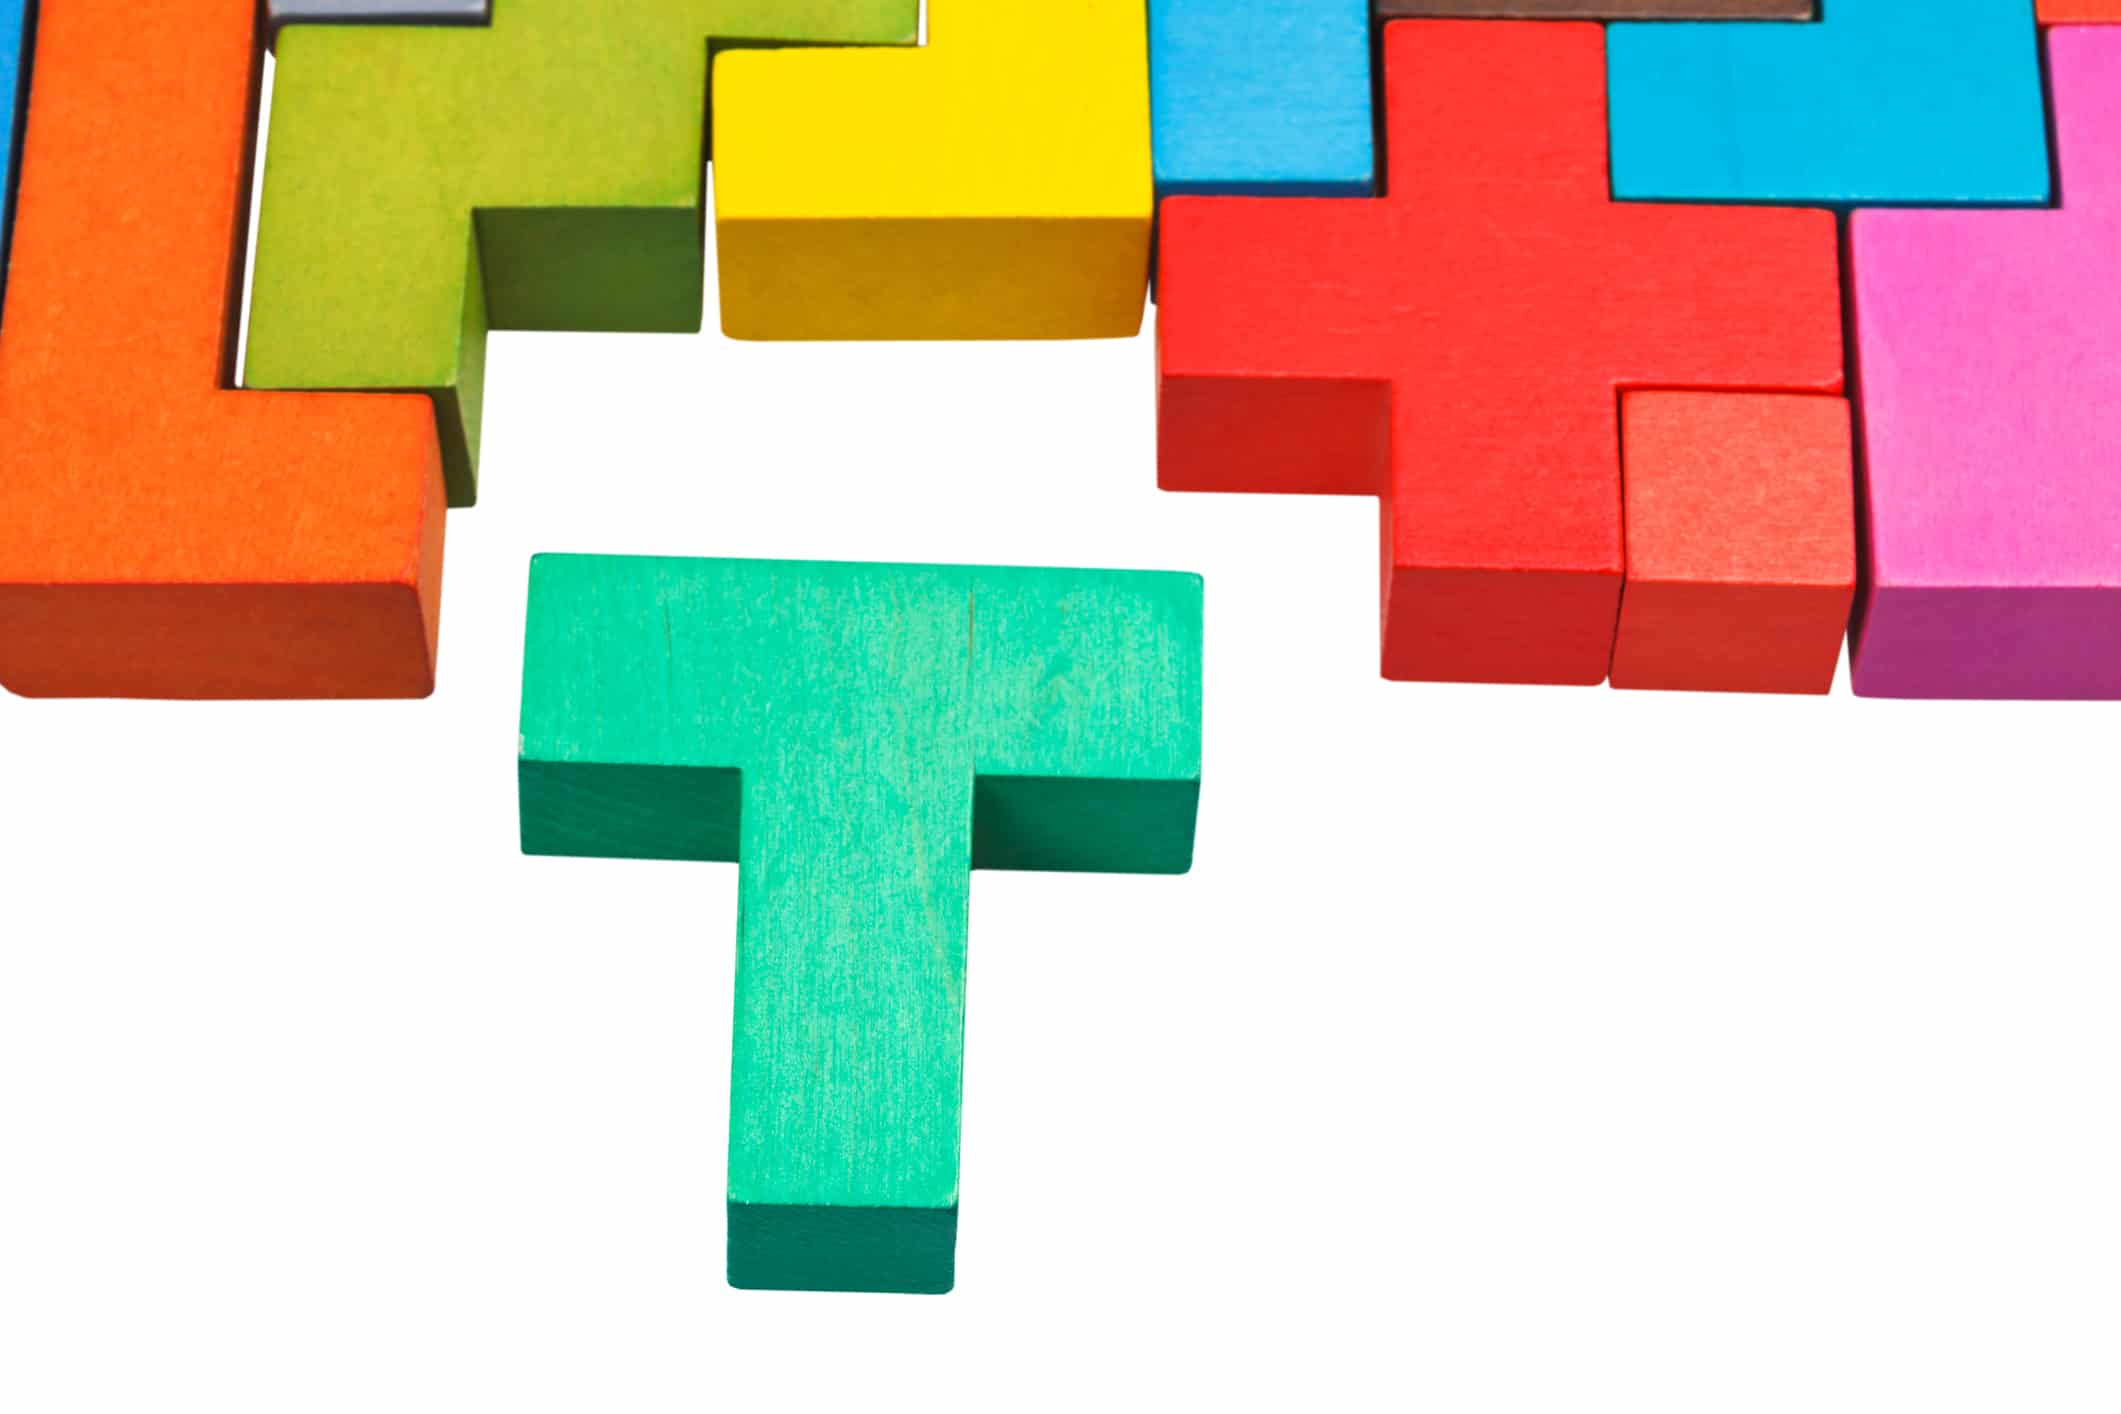 Madeira recortada em formato de T fazendo parte de uma montagem ao estilo Tetris